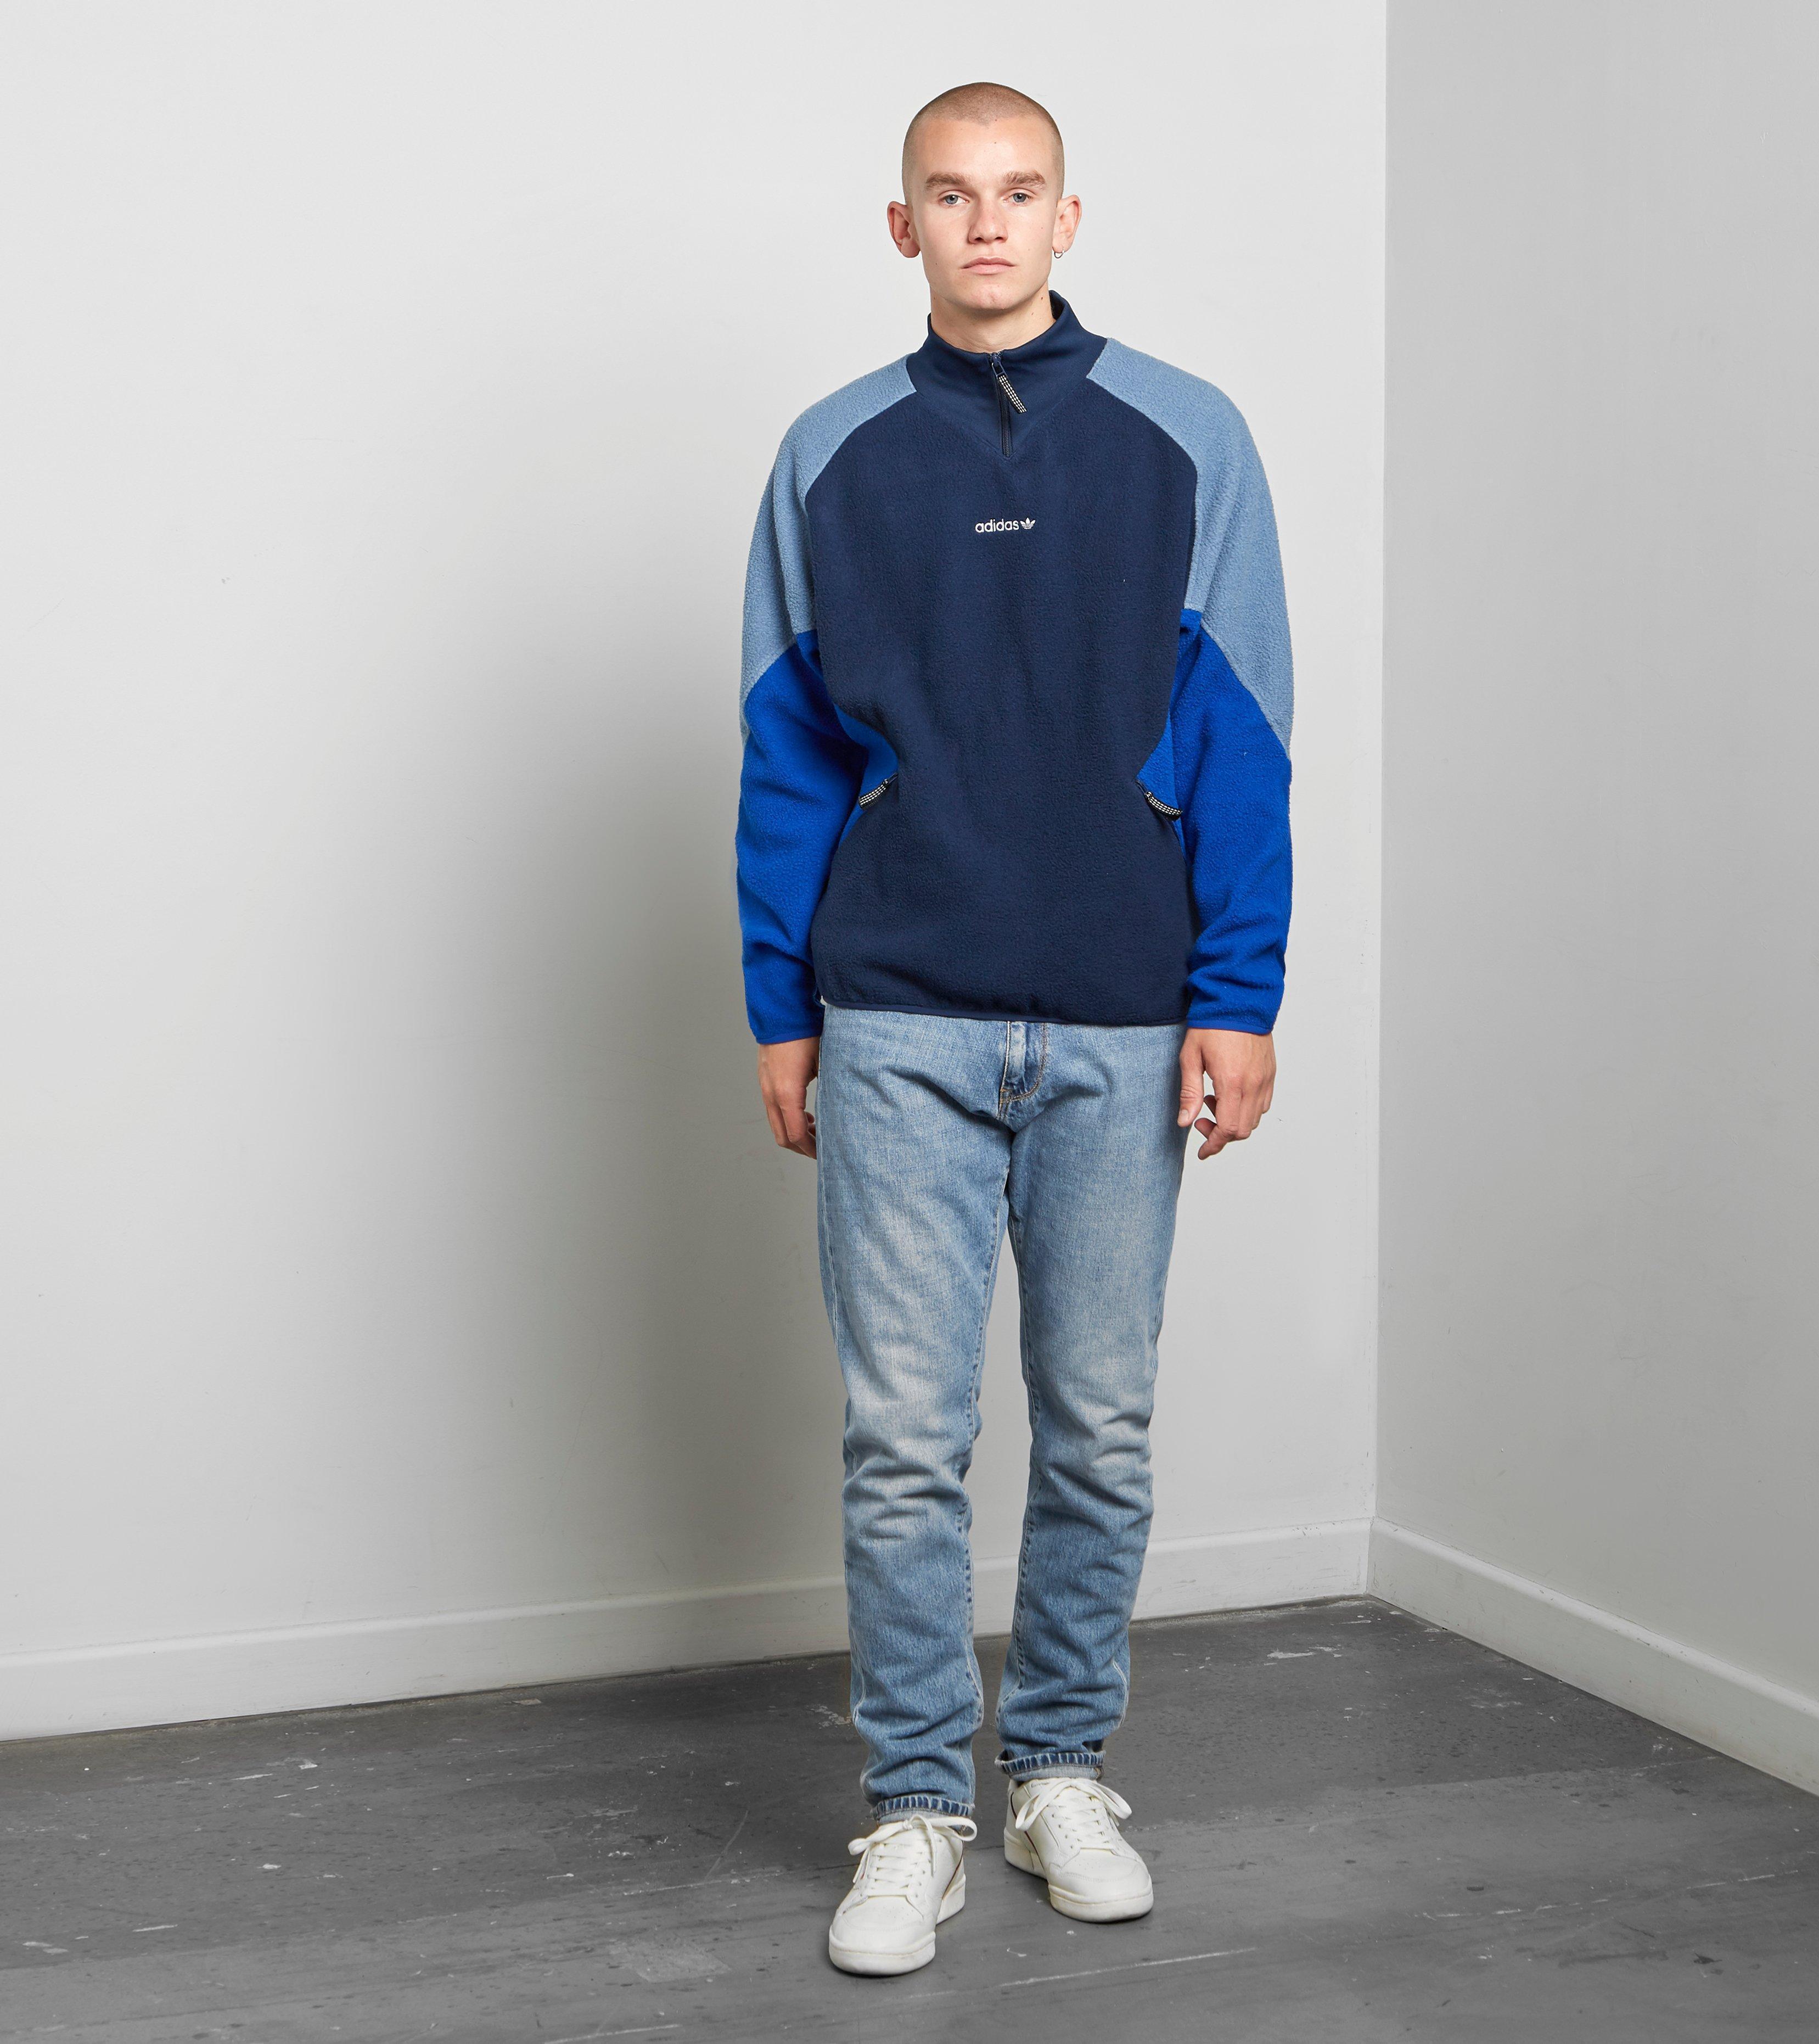 Originals men Adidas Eqt for Polar Fleece Jacket Blue K1cT3lFJ